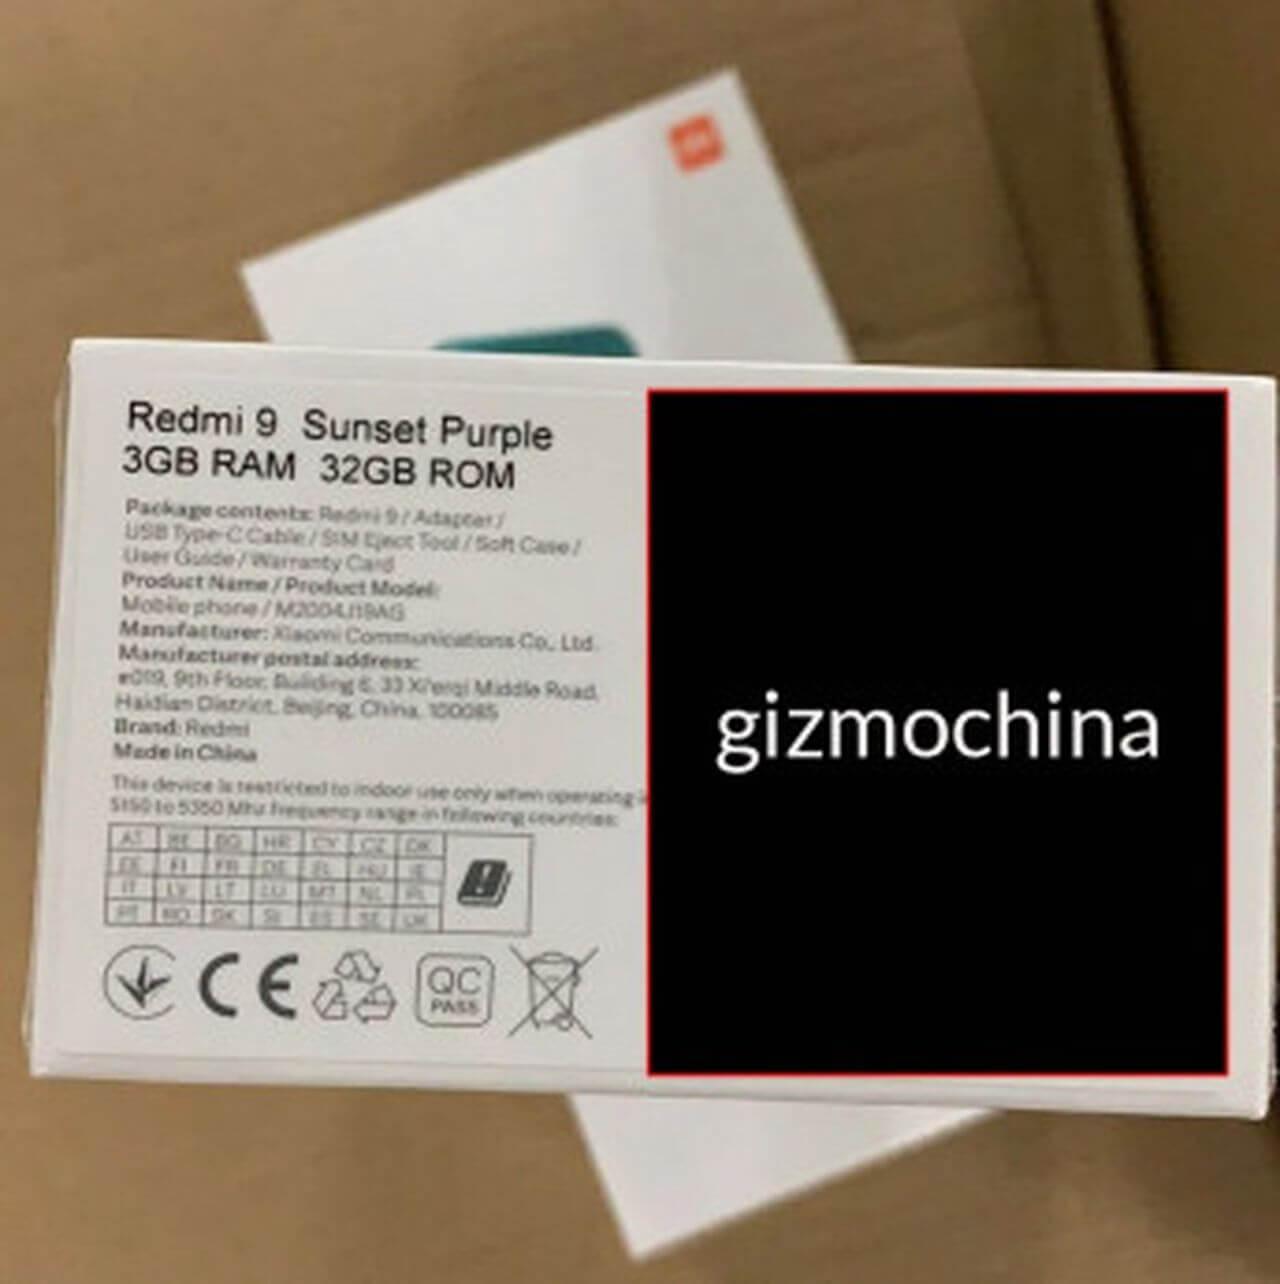 Xiaomi Redmi 9 3GB Ram 32GB Rom